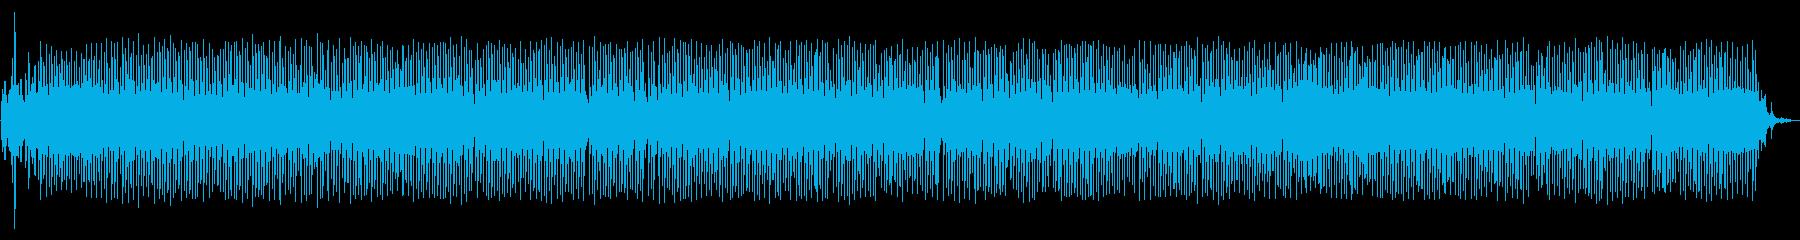 ハーレーダビッドソンオートバイ:オ...の再生済みの波形